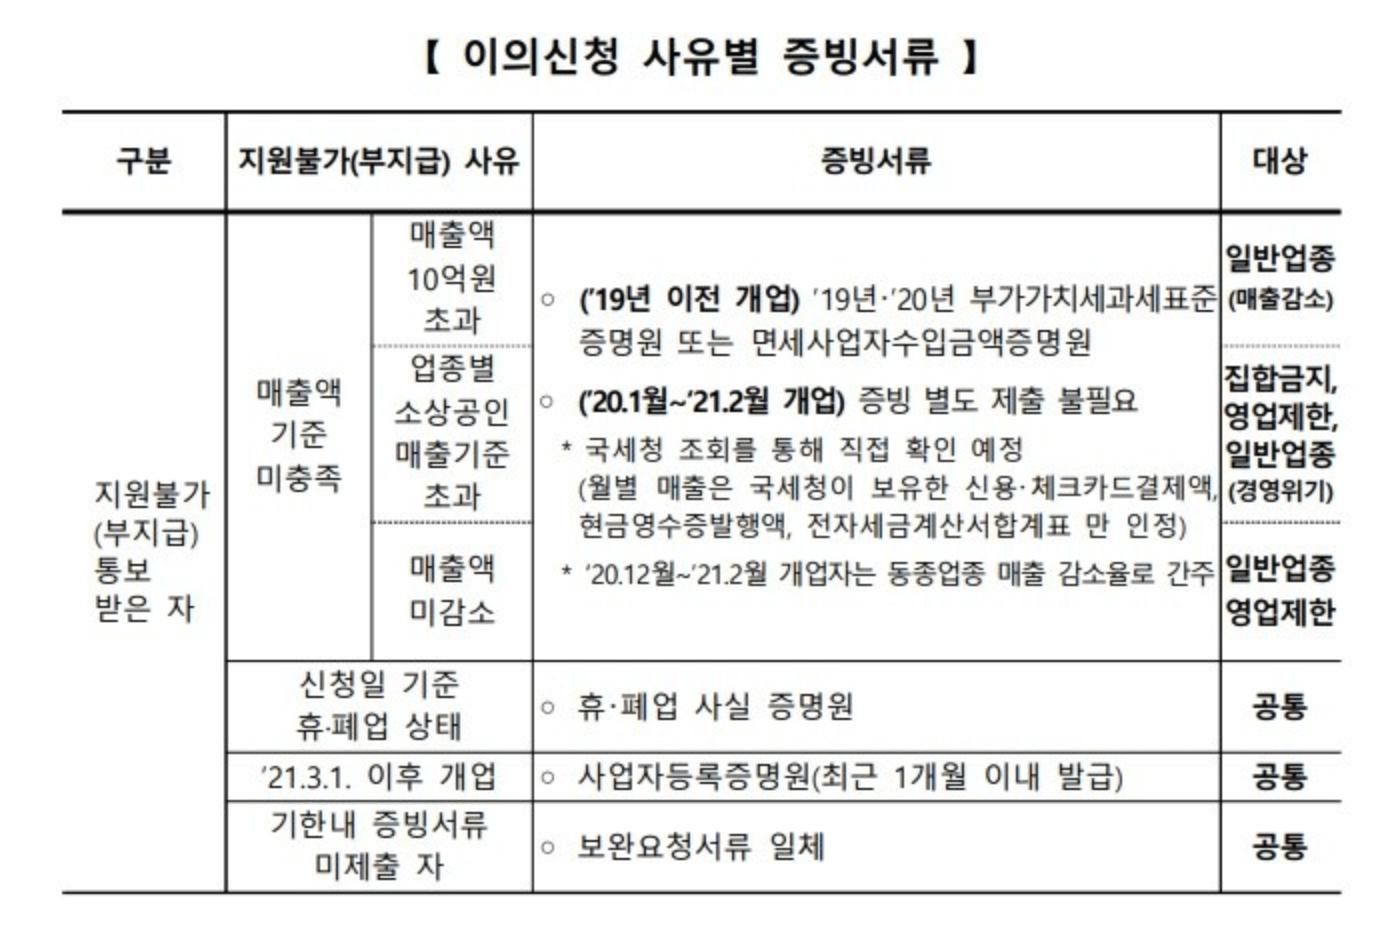 소상공인-버팀목자금플러스-부지급